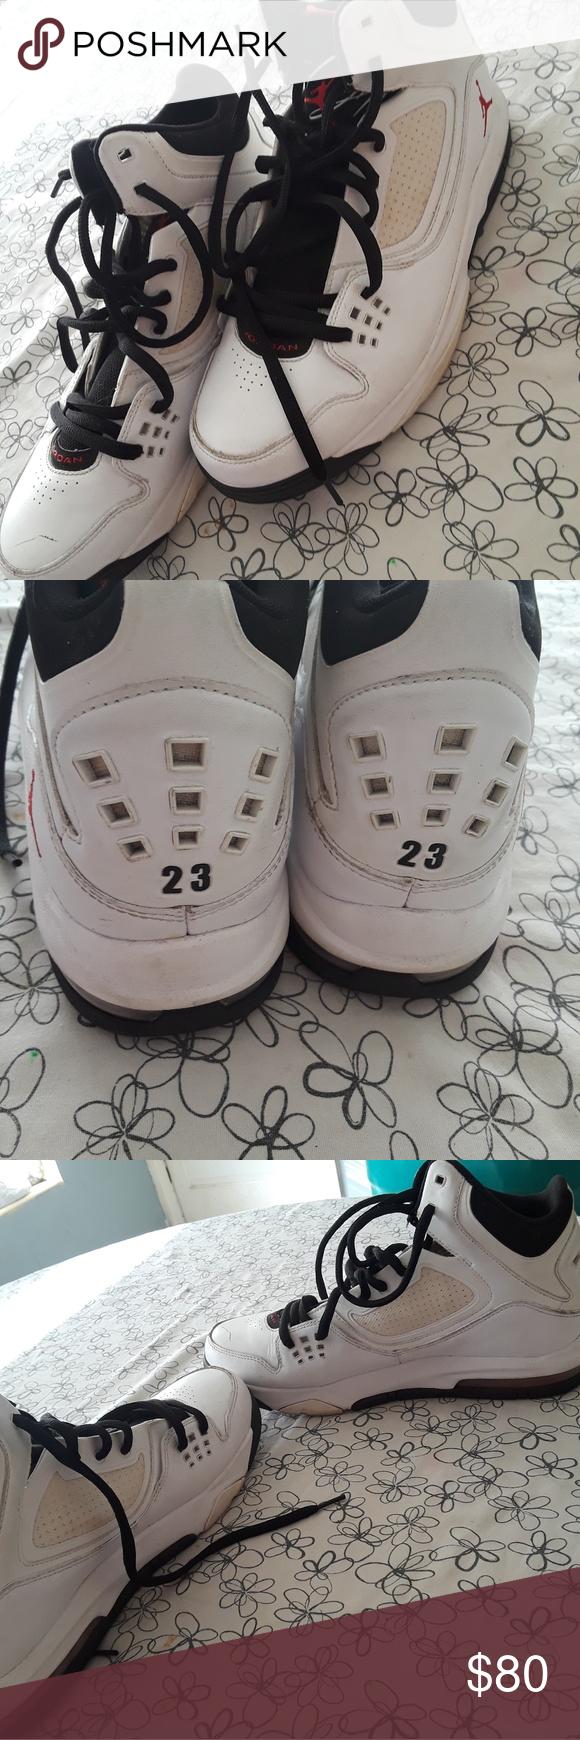 retro 23s